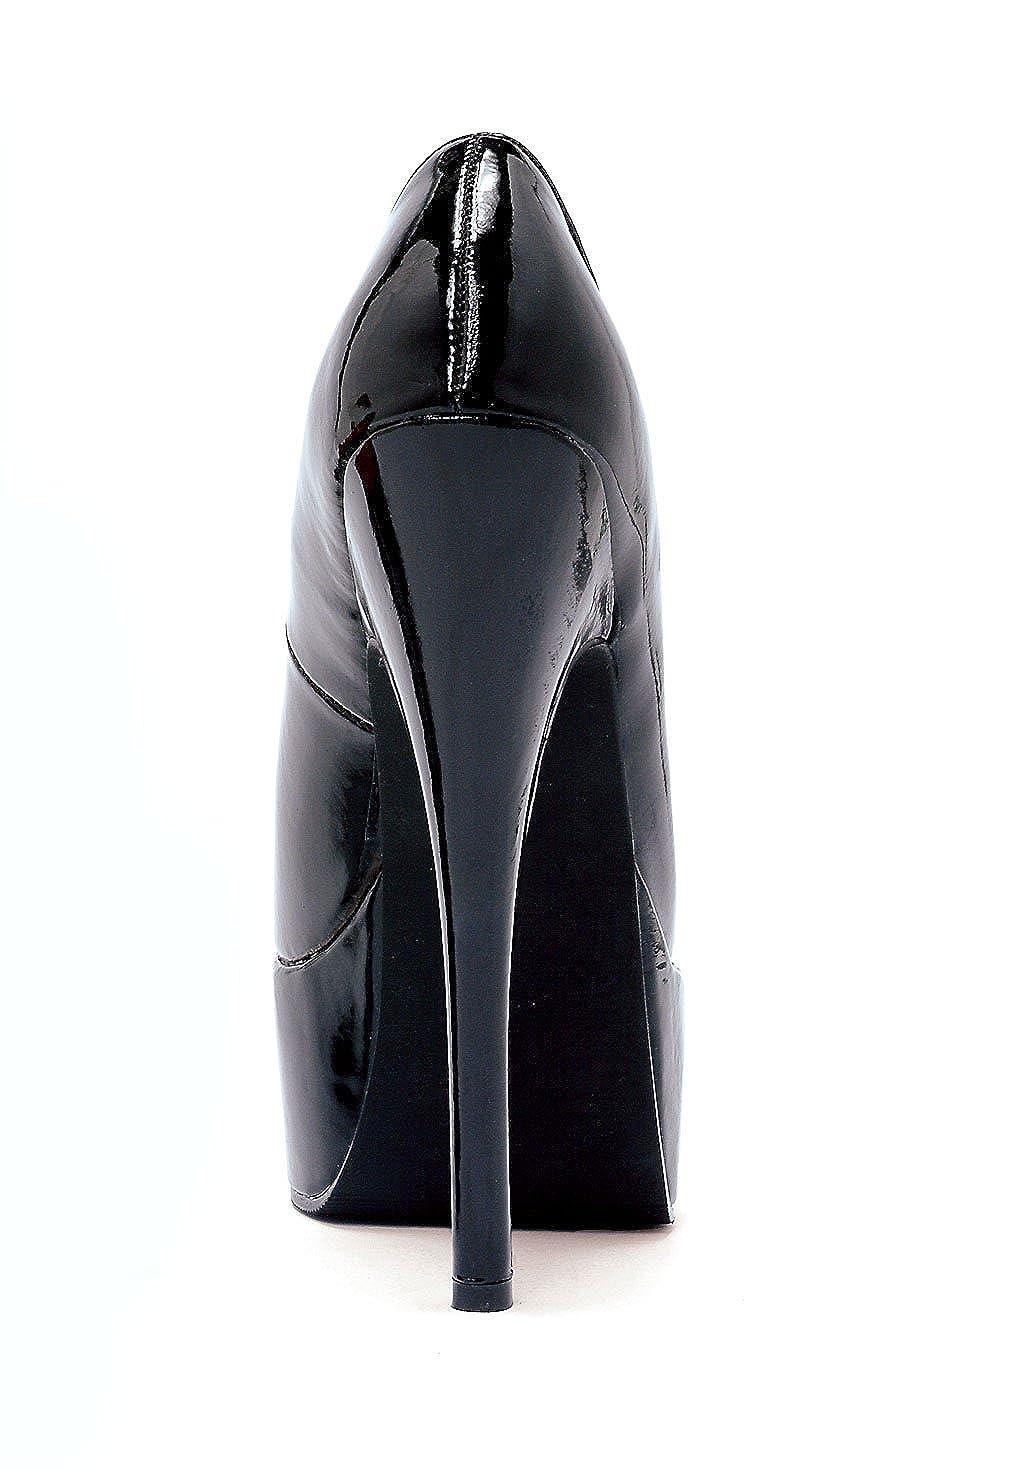 Ellie Shoes E-652-Prince 6 Stiletto Heel Pump